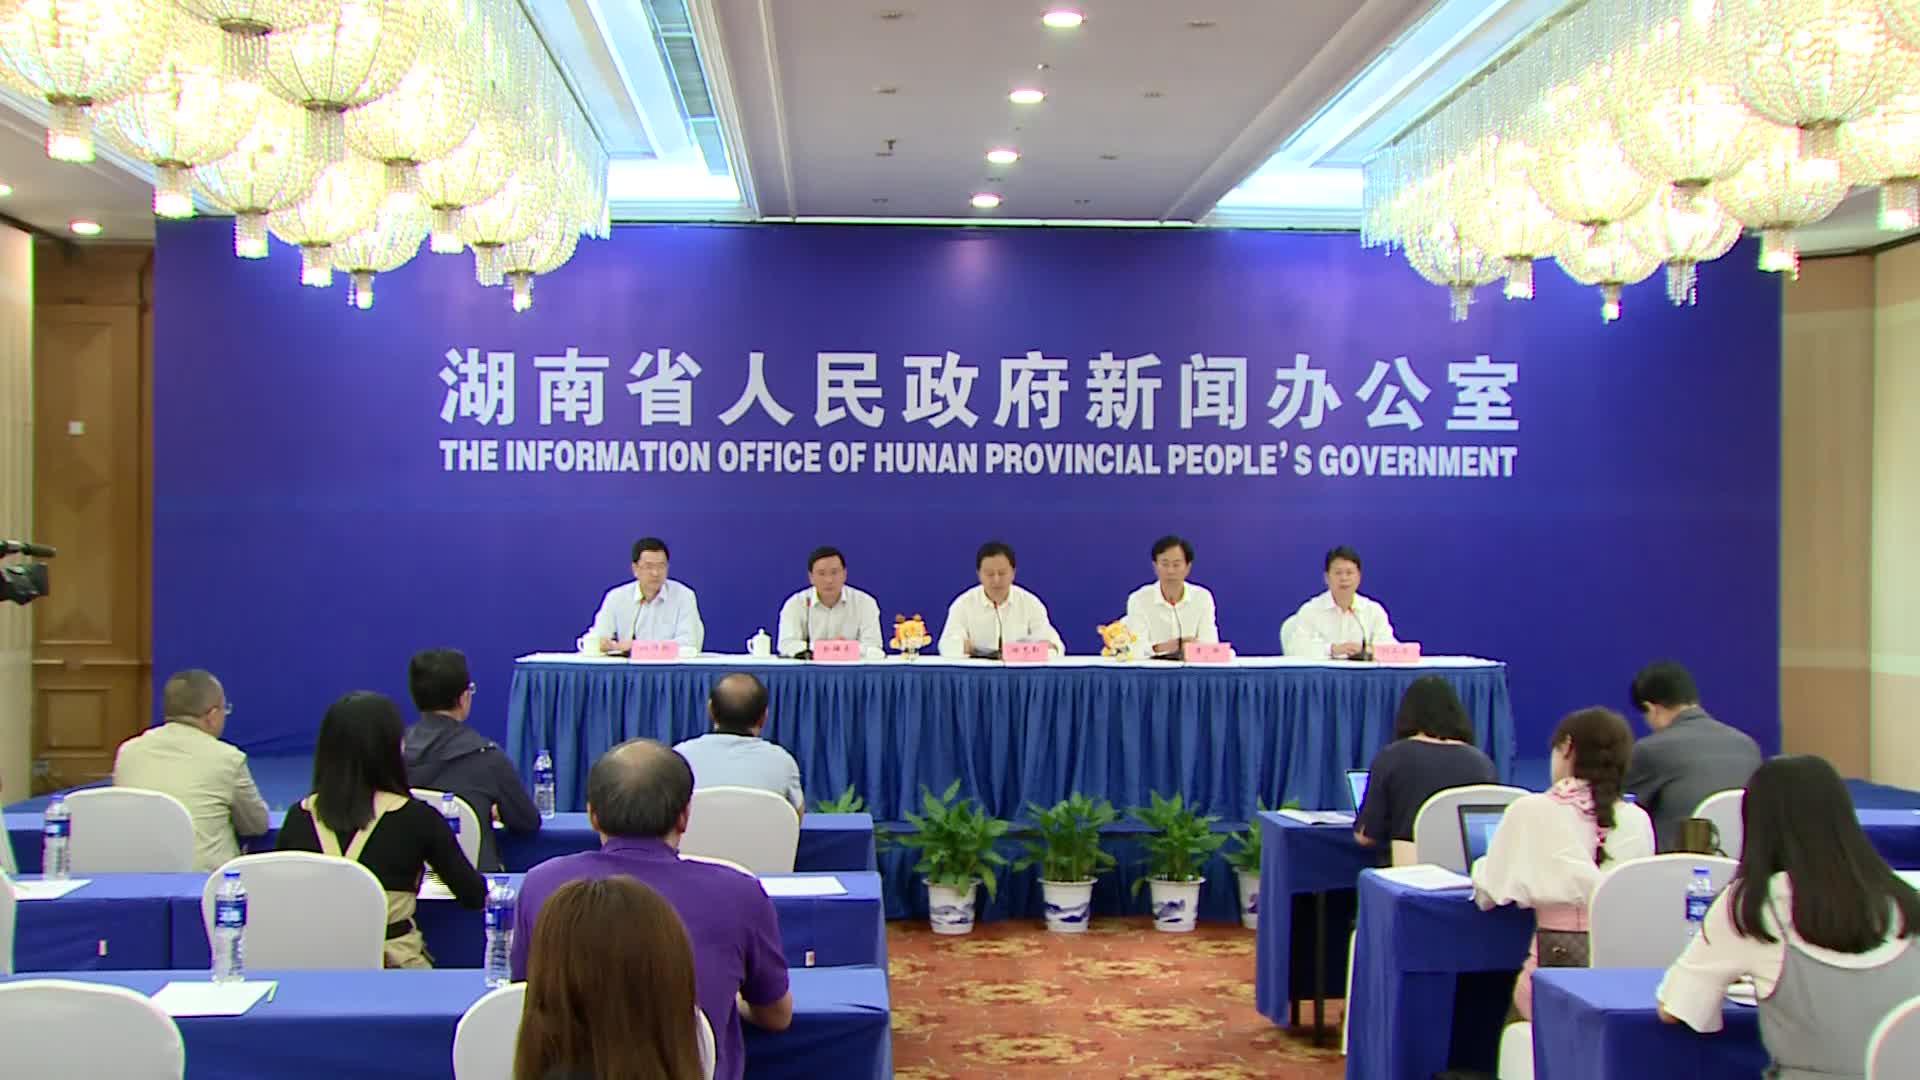 【全程回放】湖南省第九届少数民族传统体育运动会新闻发布会